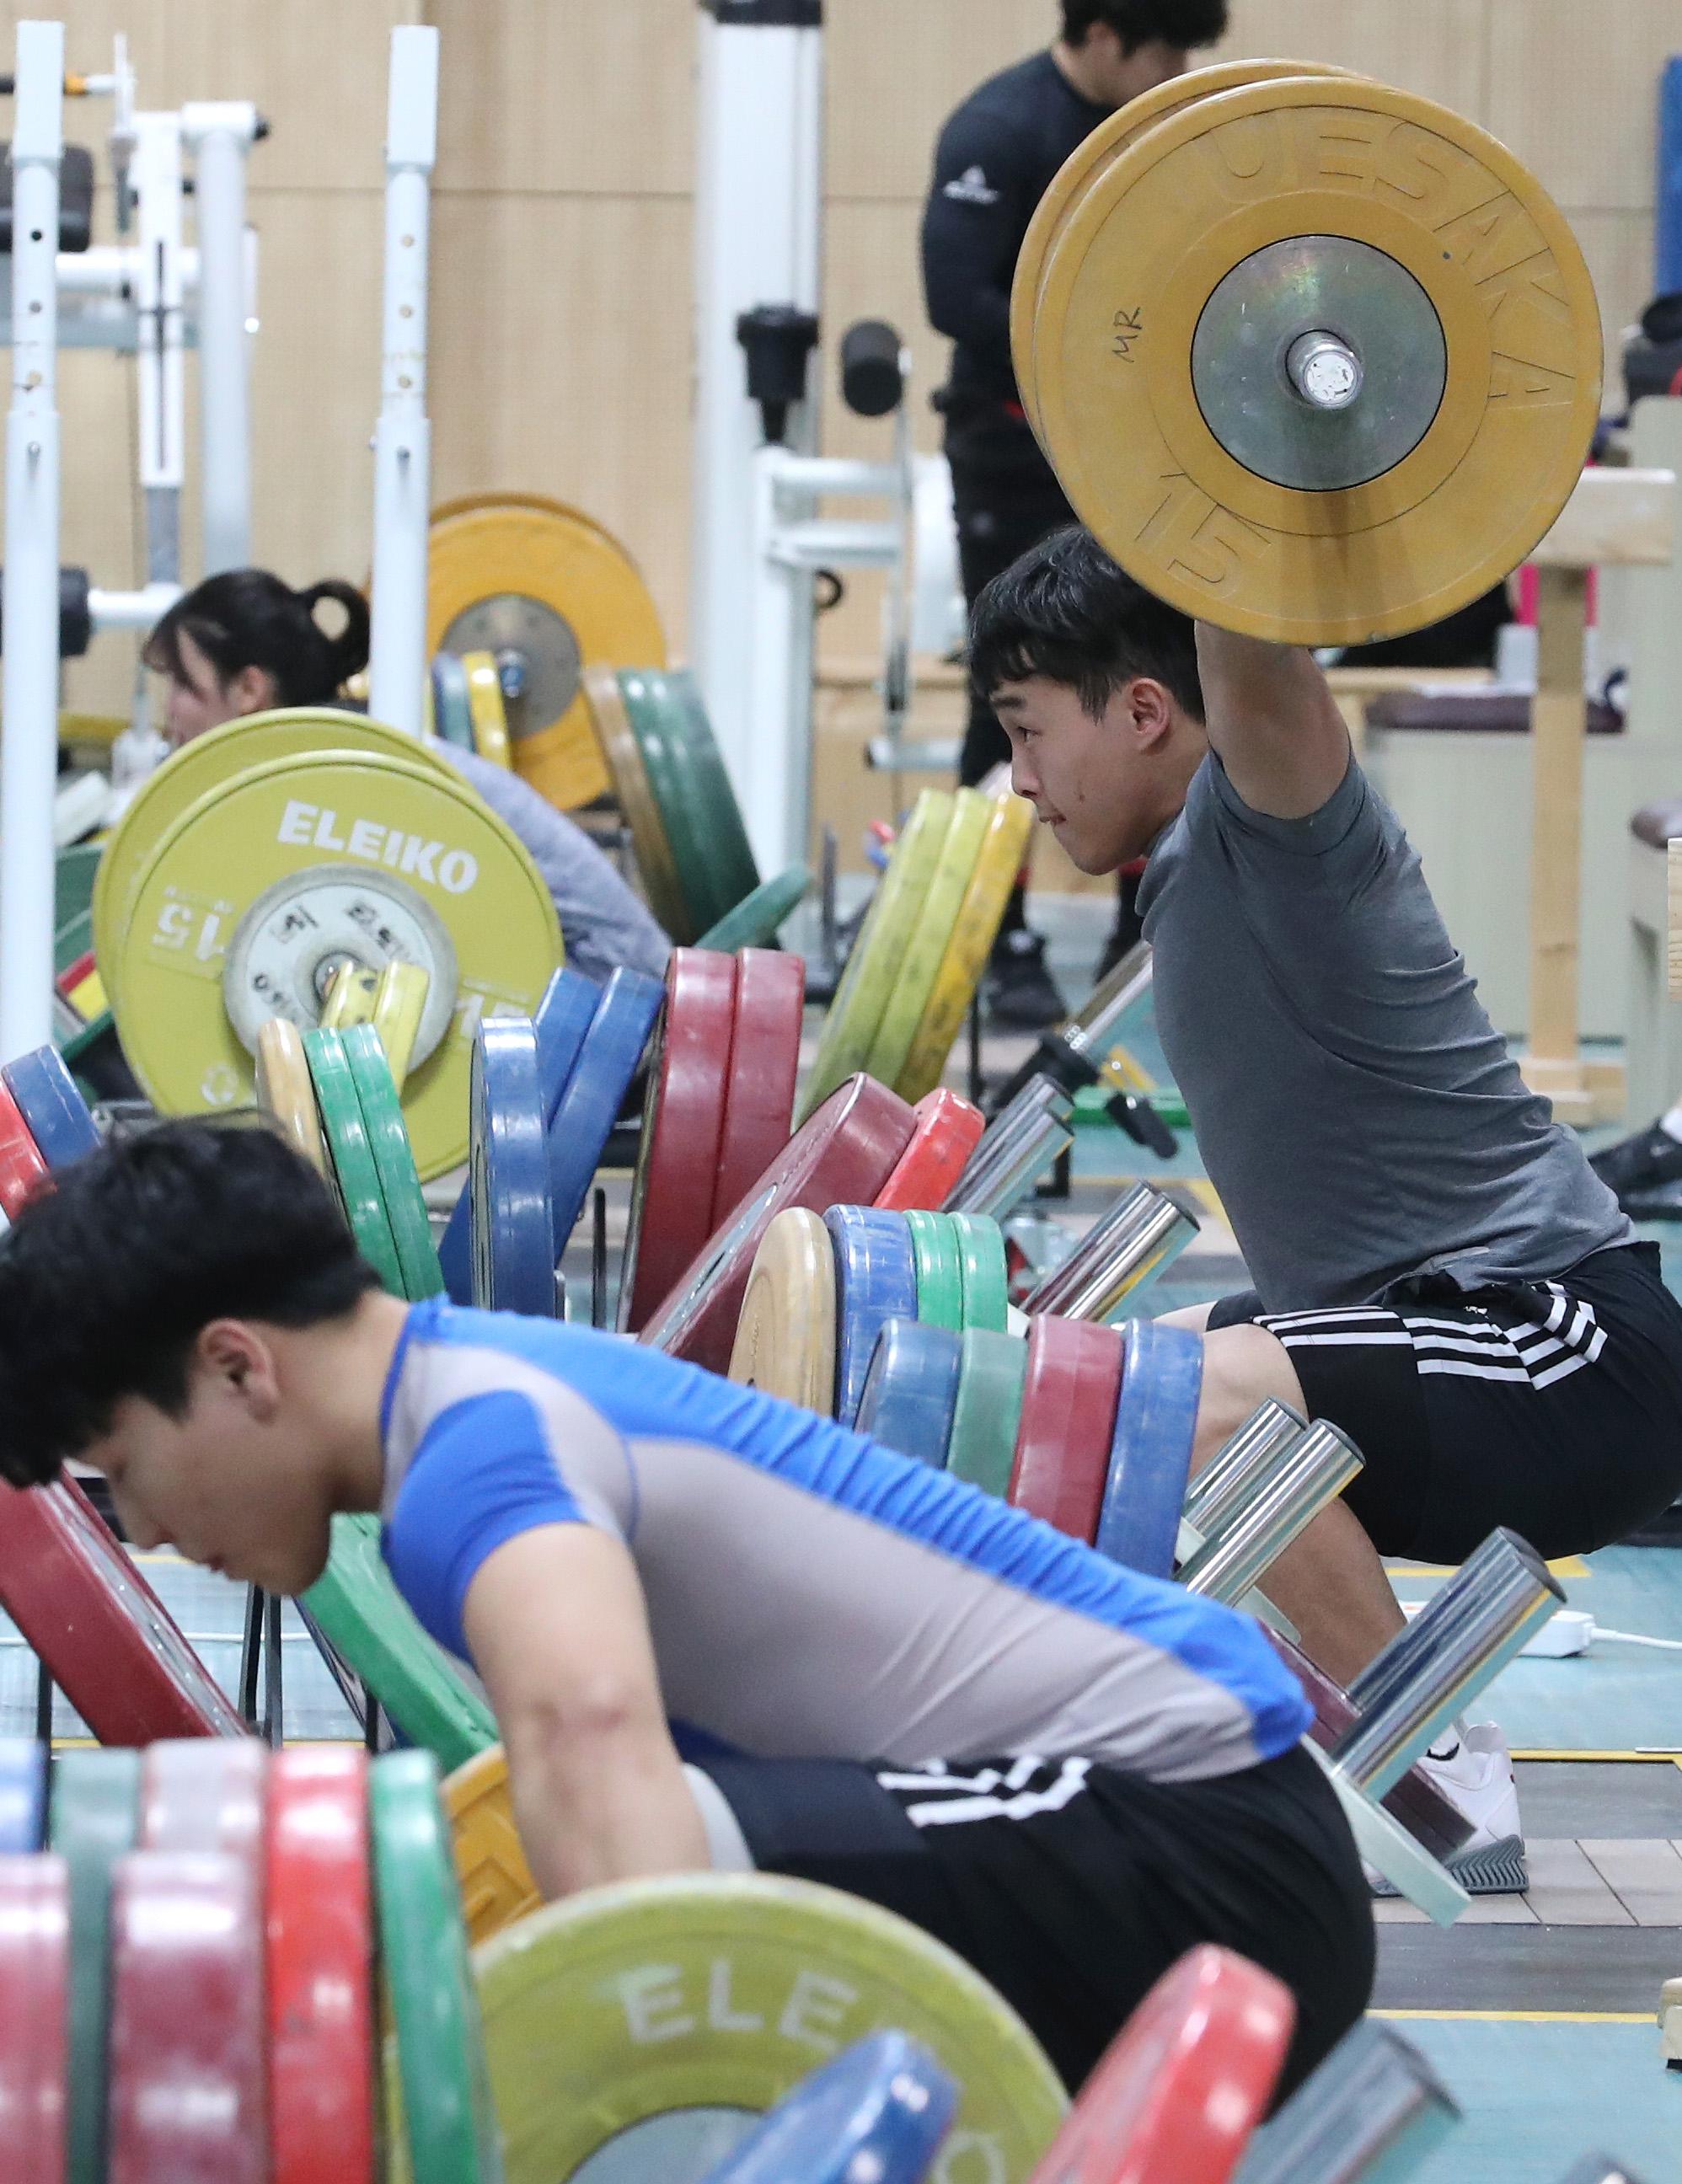 역도 국가대표팀이 지난 1월17일 충북 진천 국가대표선수촌에서 훈련하고 있다. [연합뉴스]